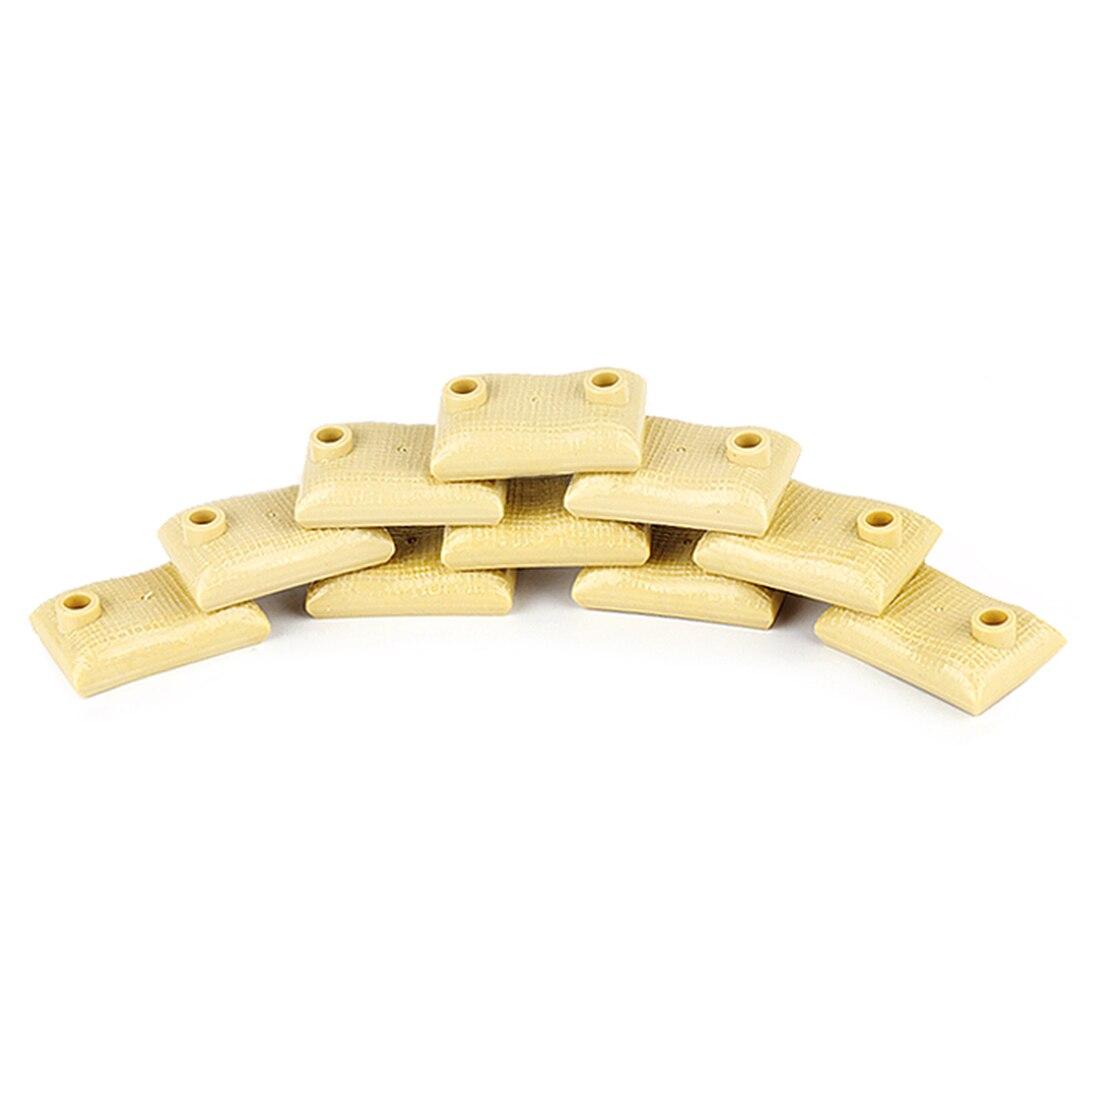 10 шт военные войны тема DIY маленькие частицы строительный блок земляные мешки модель головоломка игрушка для строительных блоков брендов-темно-коричневый - Цвет: 2722929